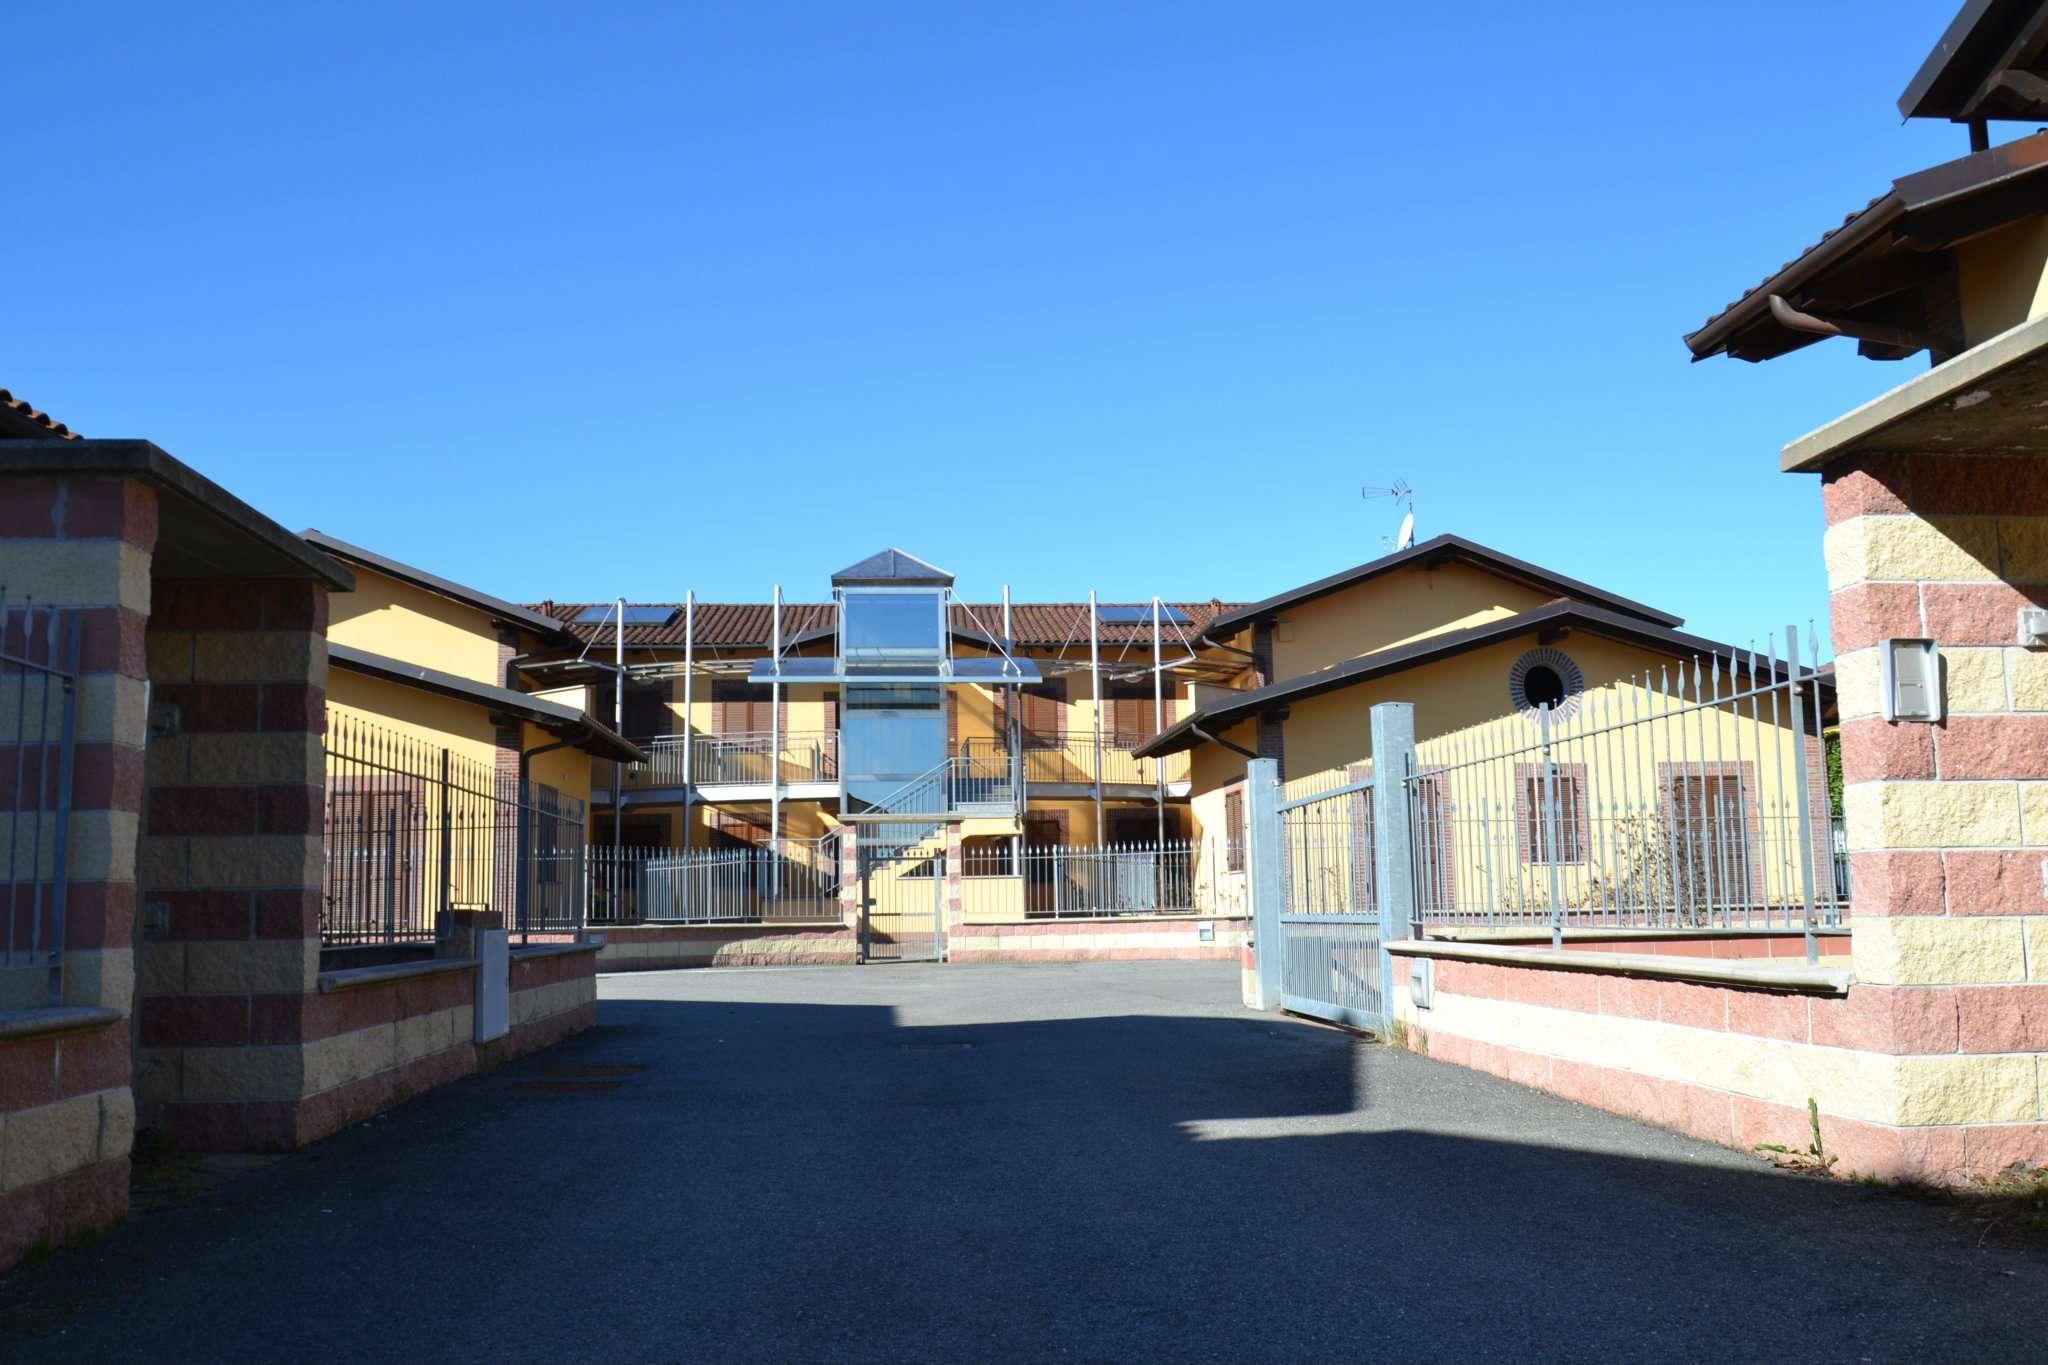 Rivarolo Canavese Rivarolo Canavese Vendita APPARTAMENTO » vendita appartamenti torino